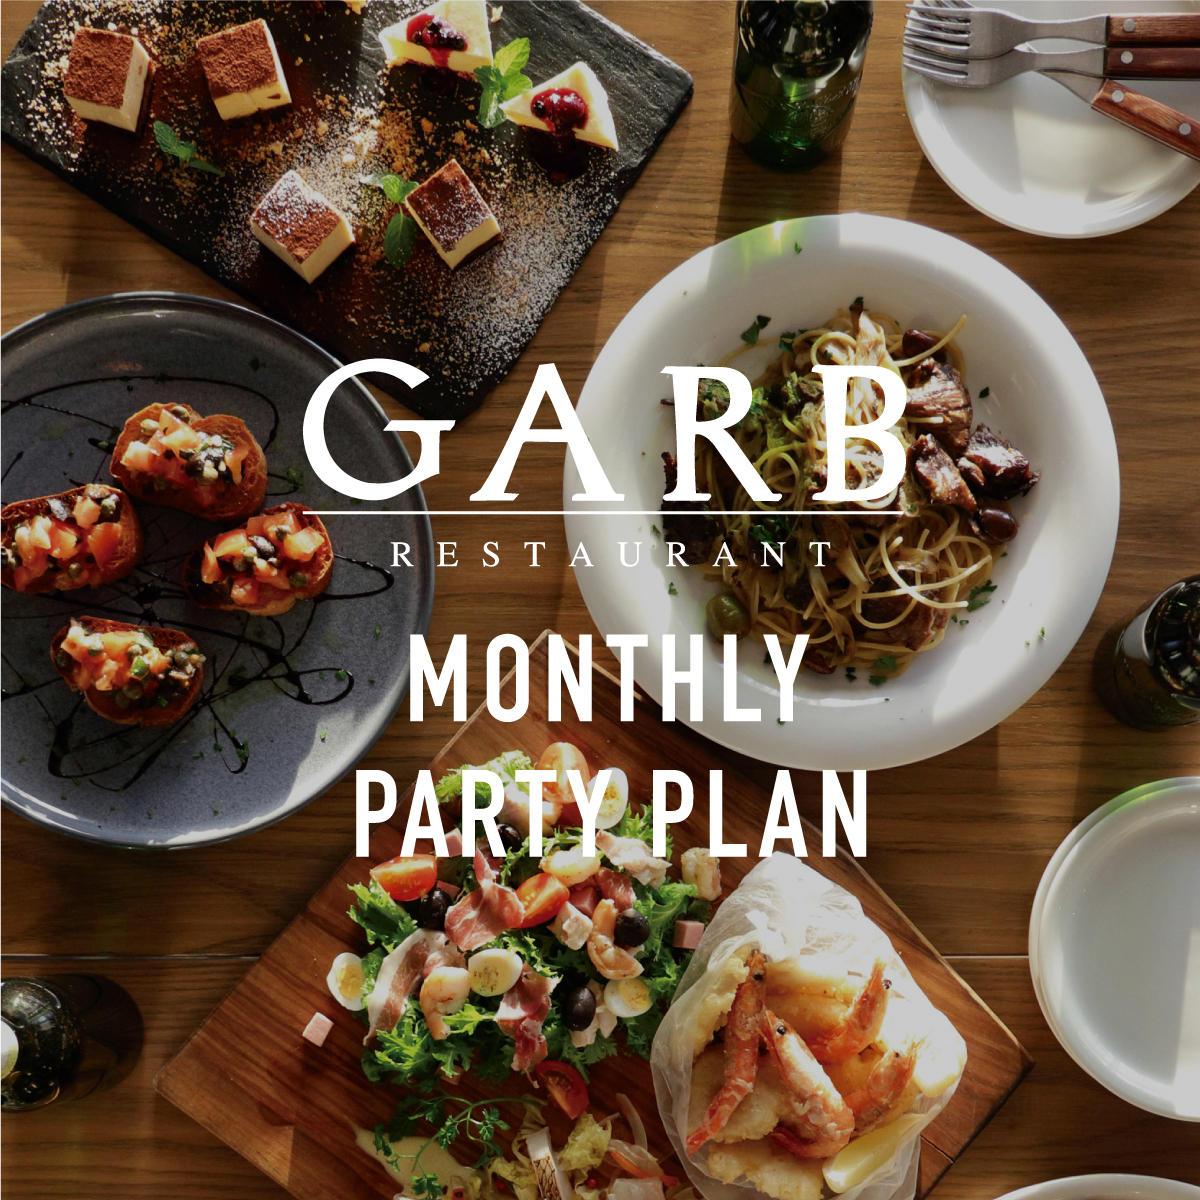 【3・4・5月限定】GARB江ノ島 MONTHLY PARTY PLAN